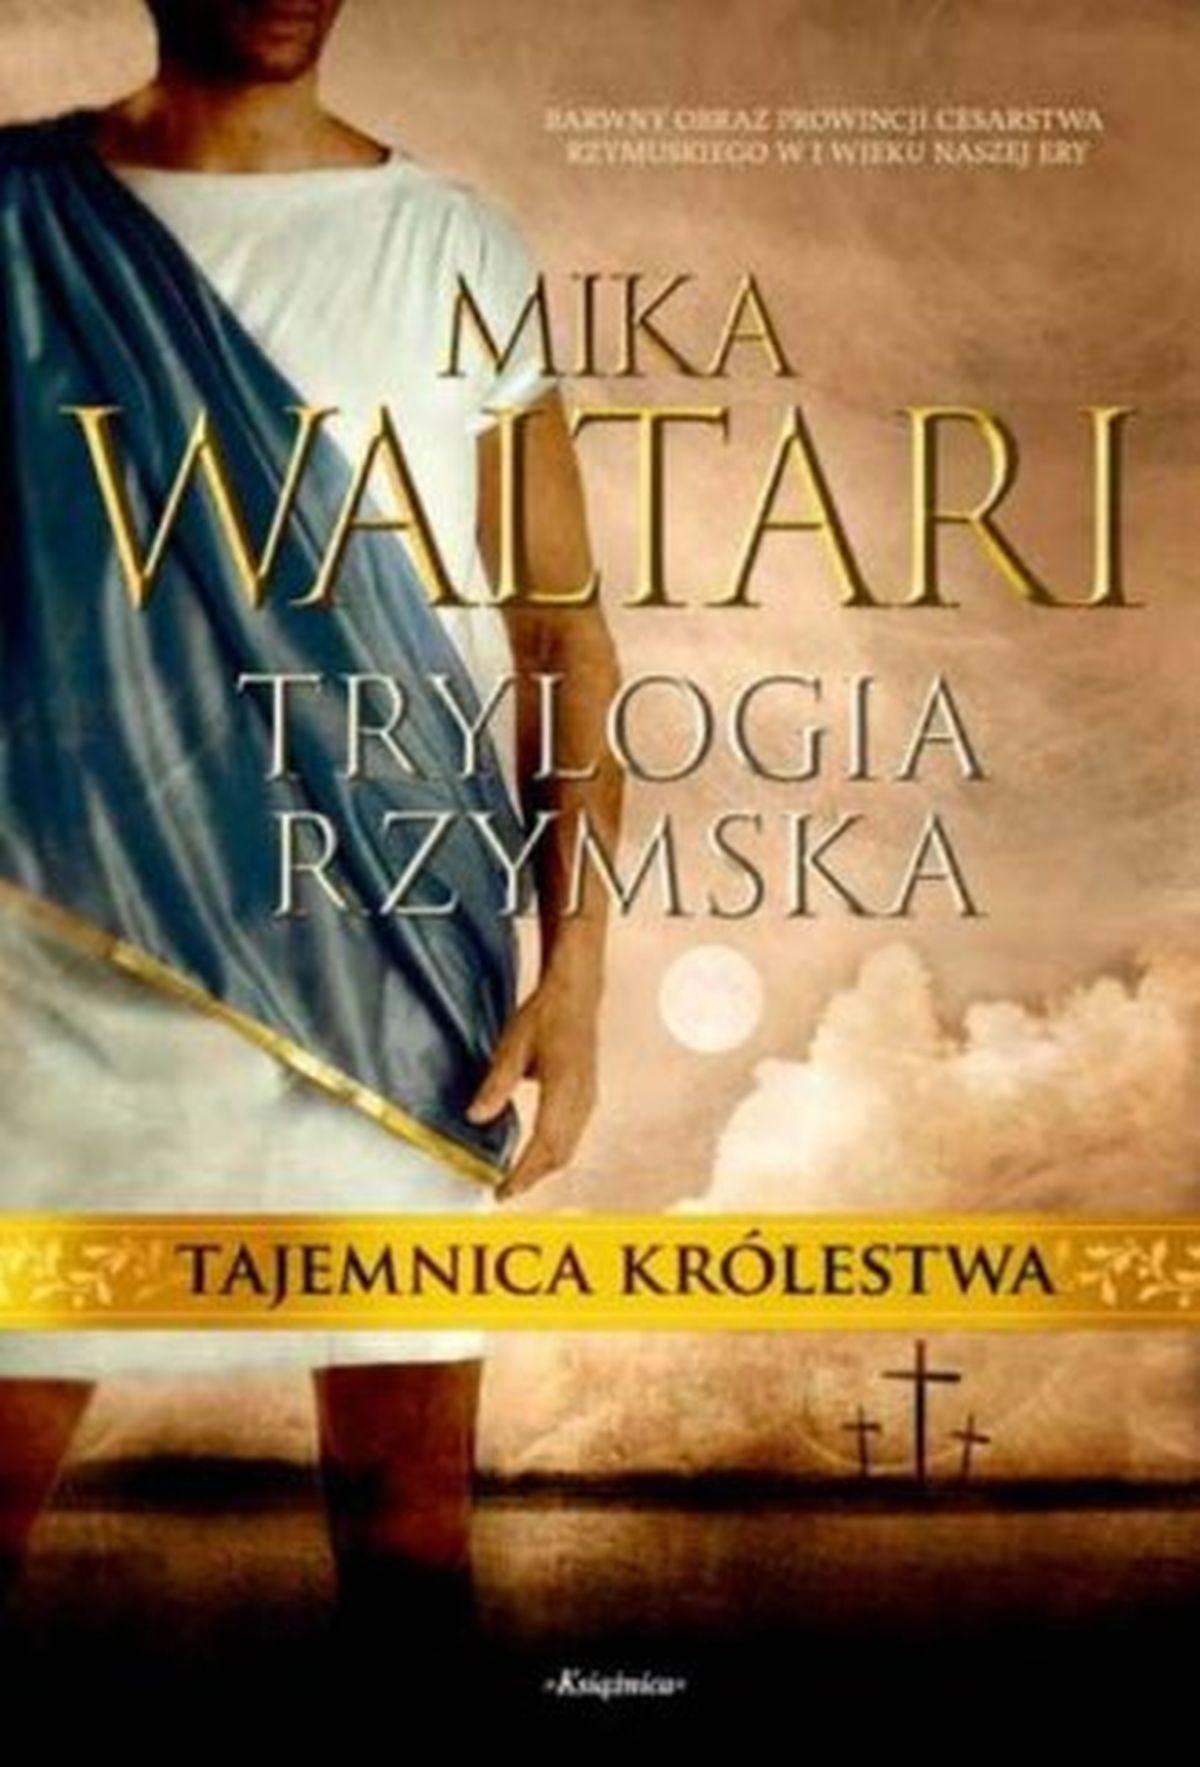 Mika Waltari, Trylogia rzymska. Tajemnica królestwa